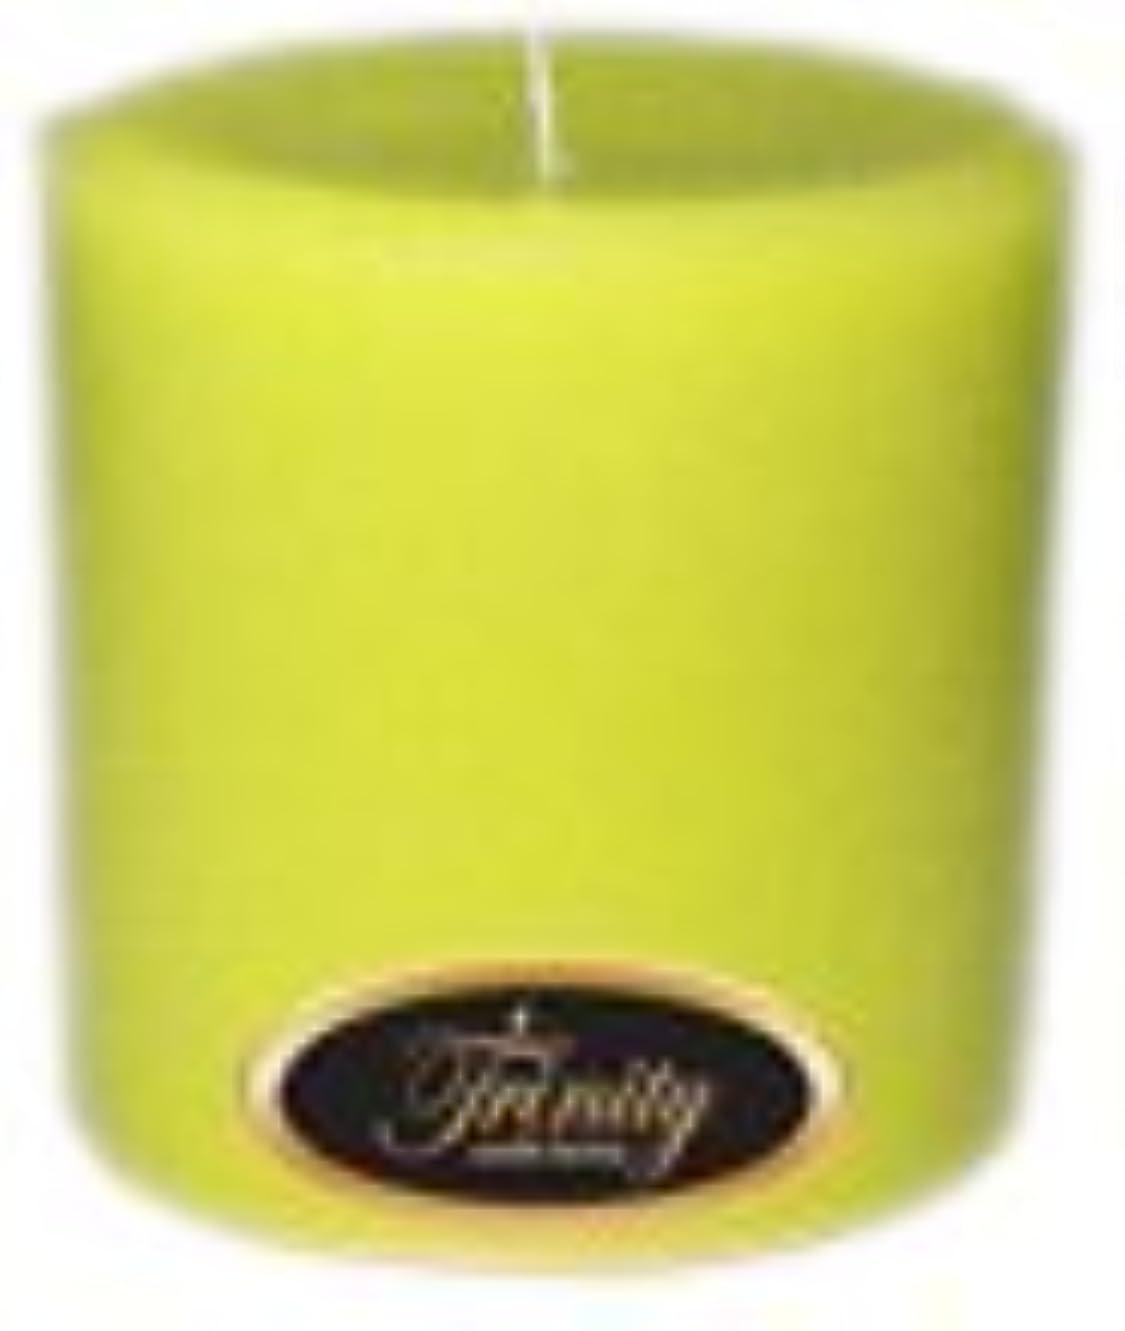 マグ心理的に彼自身Trinity Candle工場 – レモングラス – Pillar Candle – 4 x 4